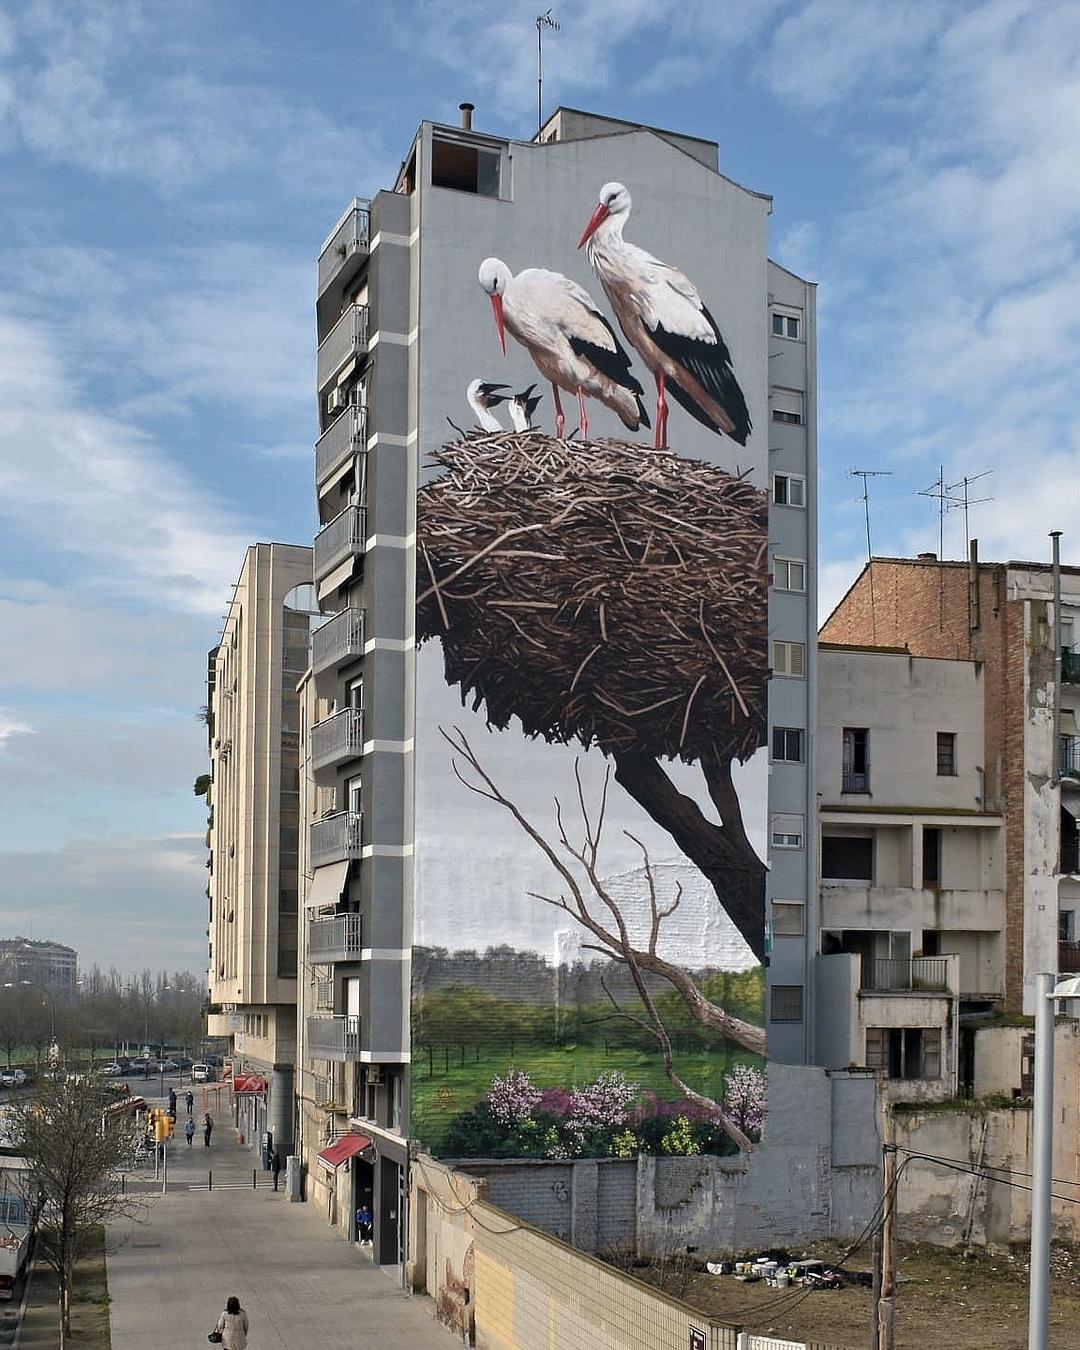 Oriol Arumi @ Lleida, Spain